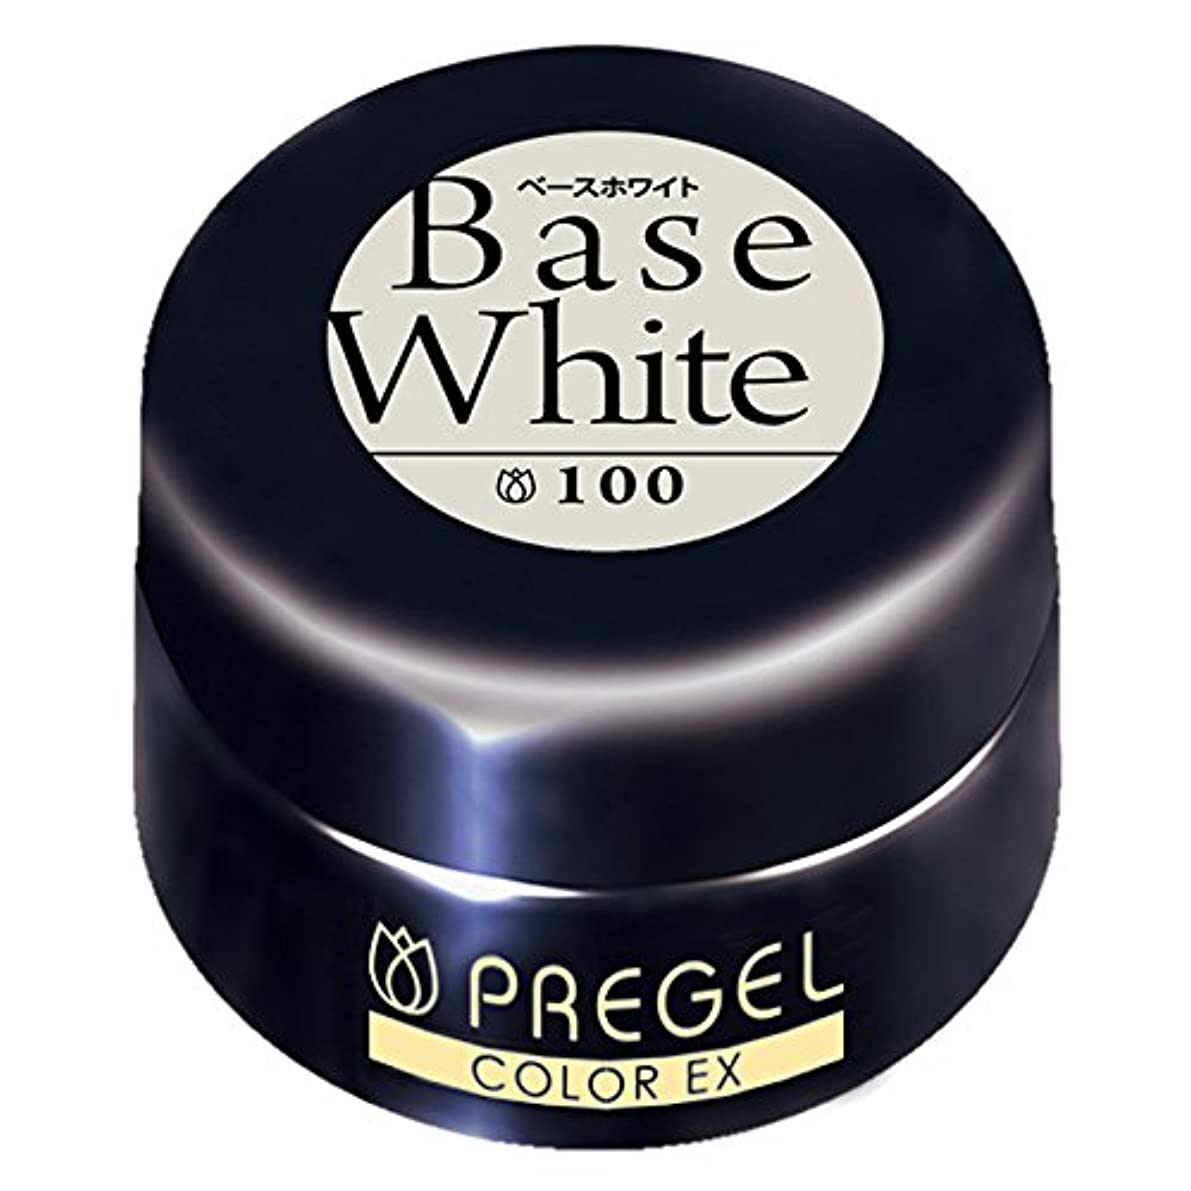 ネックレスキャロラインペインギリックプリジェル ジェルネイル プリジェル ジェルネイル カラーEX ベースホワイト100 4g カラージェル UV/LED対応